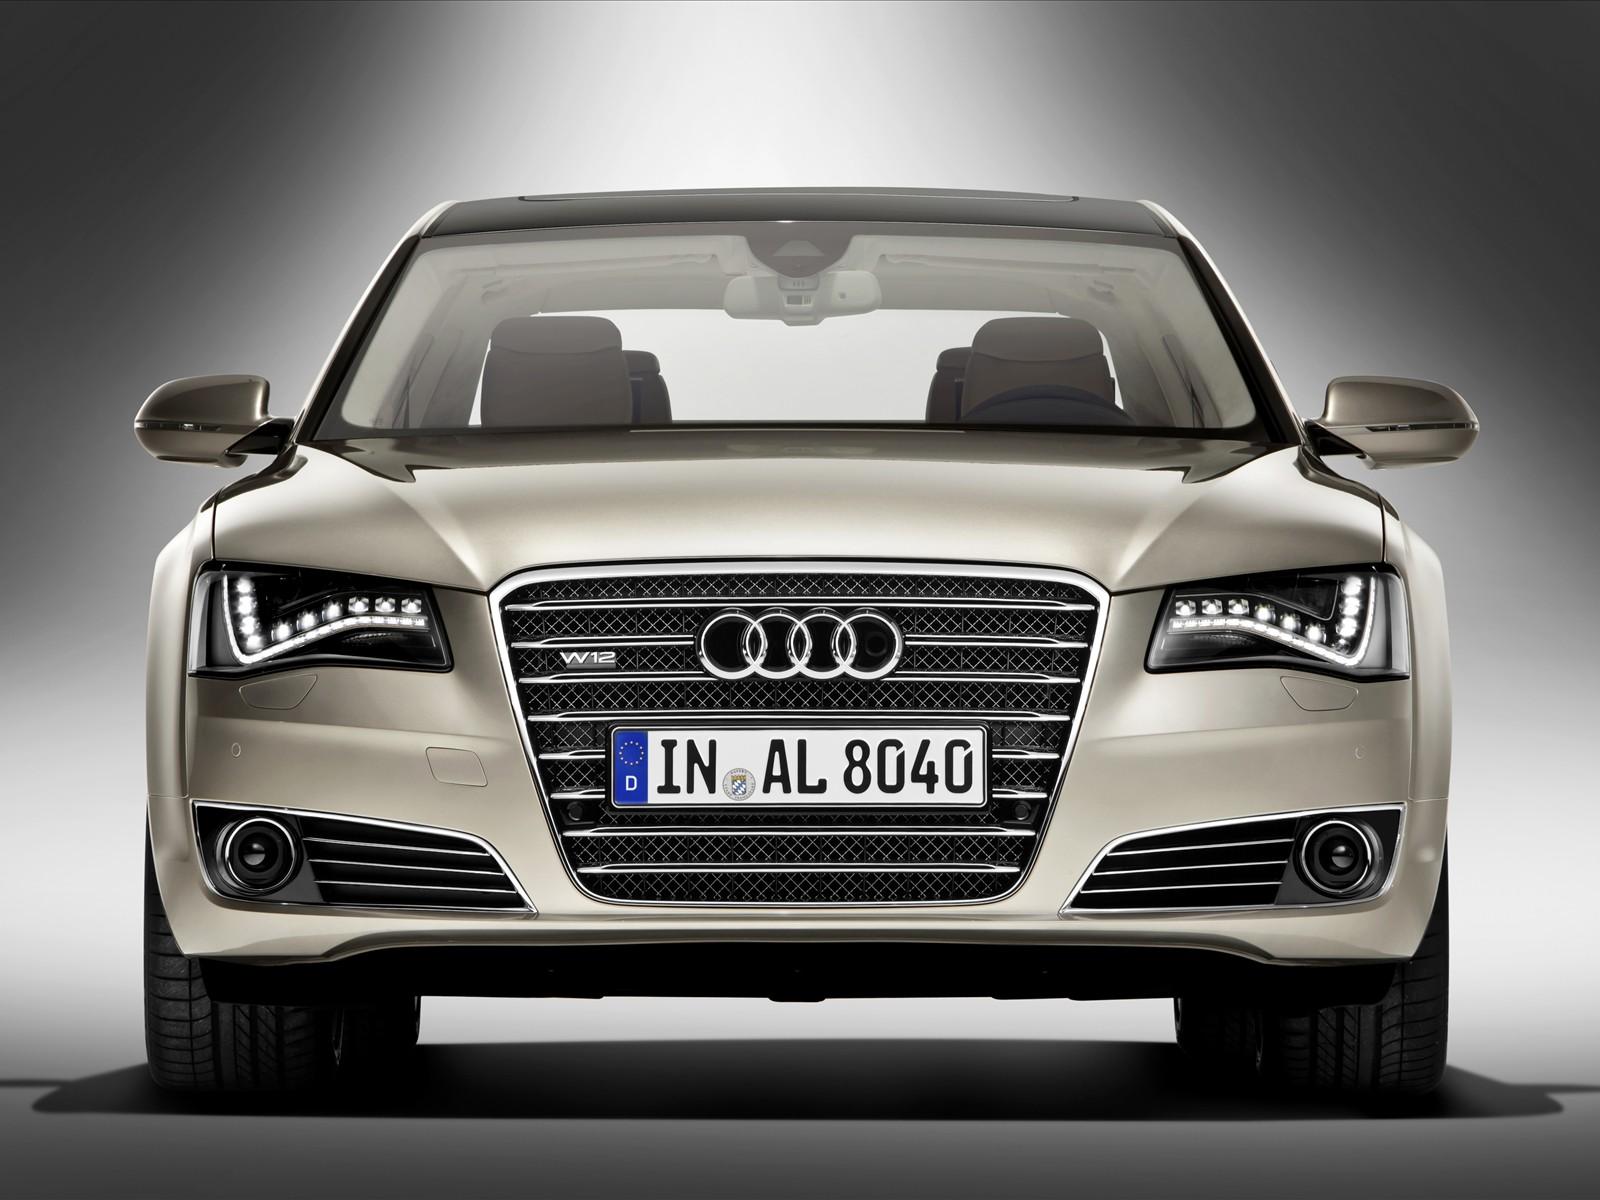 http://2.bp.blogspot.com/-PDILD2lfnss/TaO_QcZ0dfI/AAAAAAAACF4/cv3BVuhTtUQ/s1600/Audi+A8+L+W12+2011+image.jpg